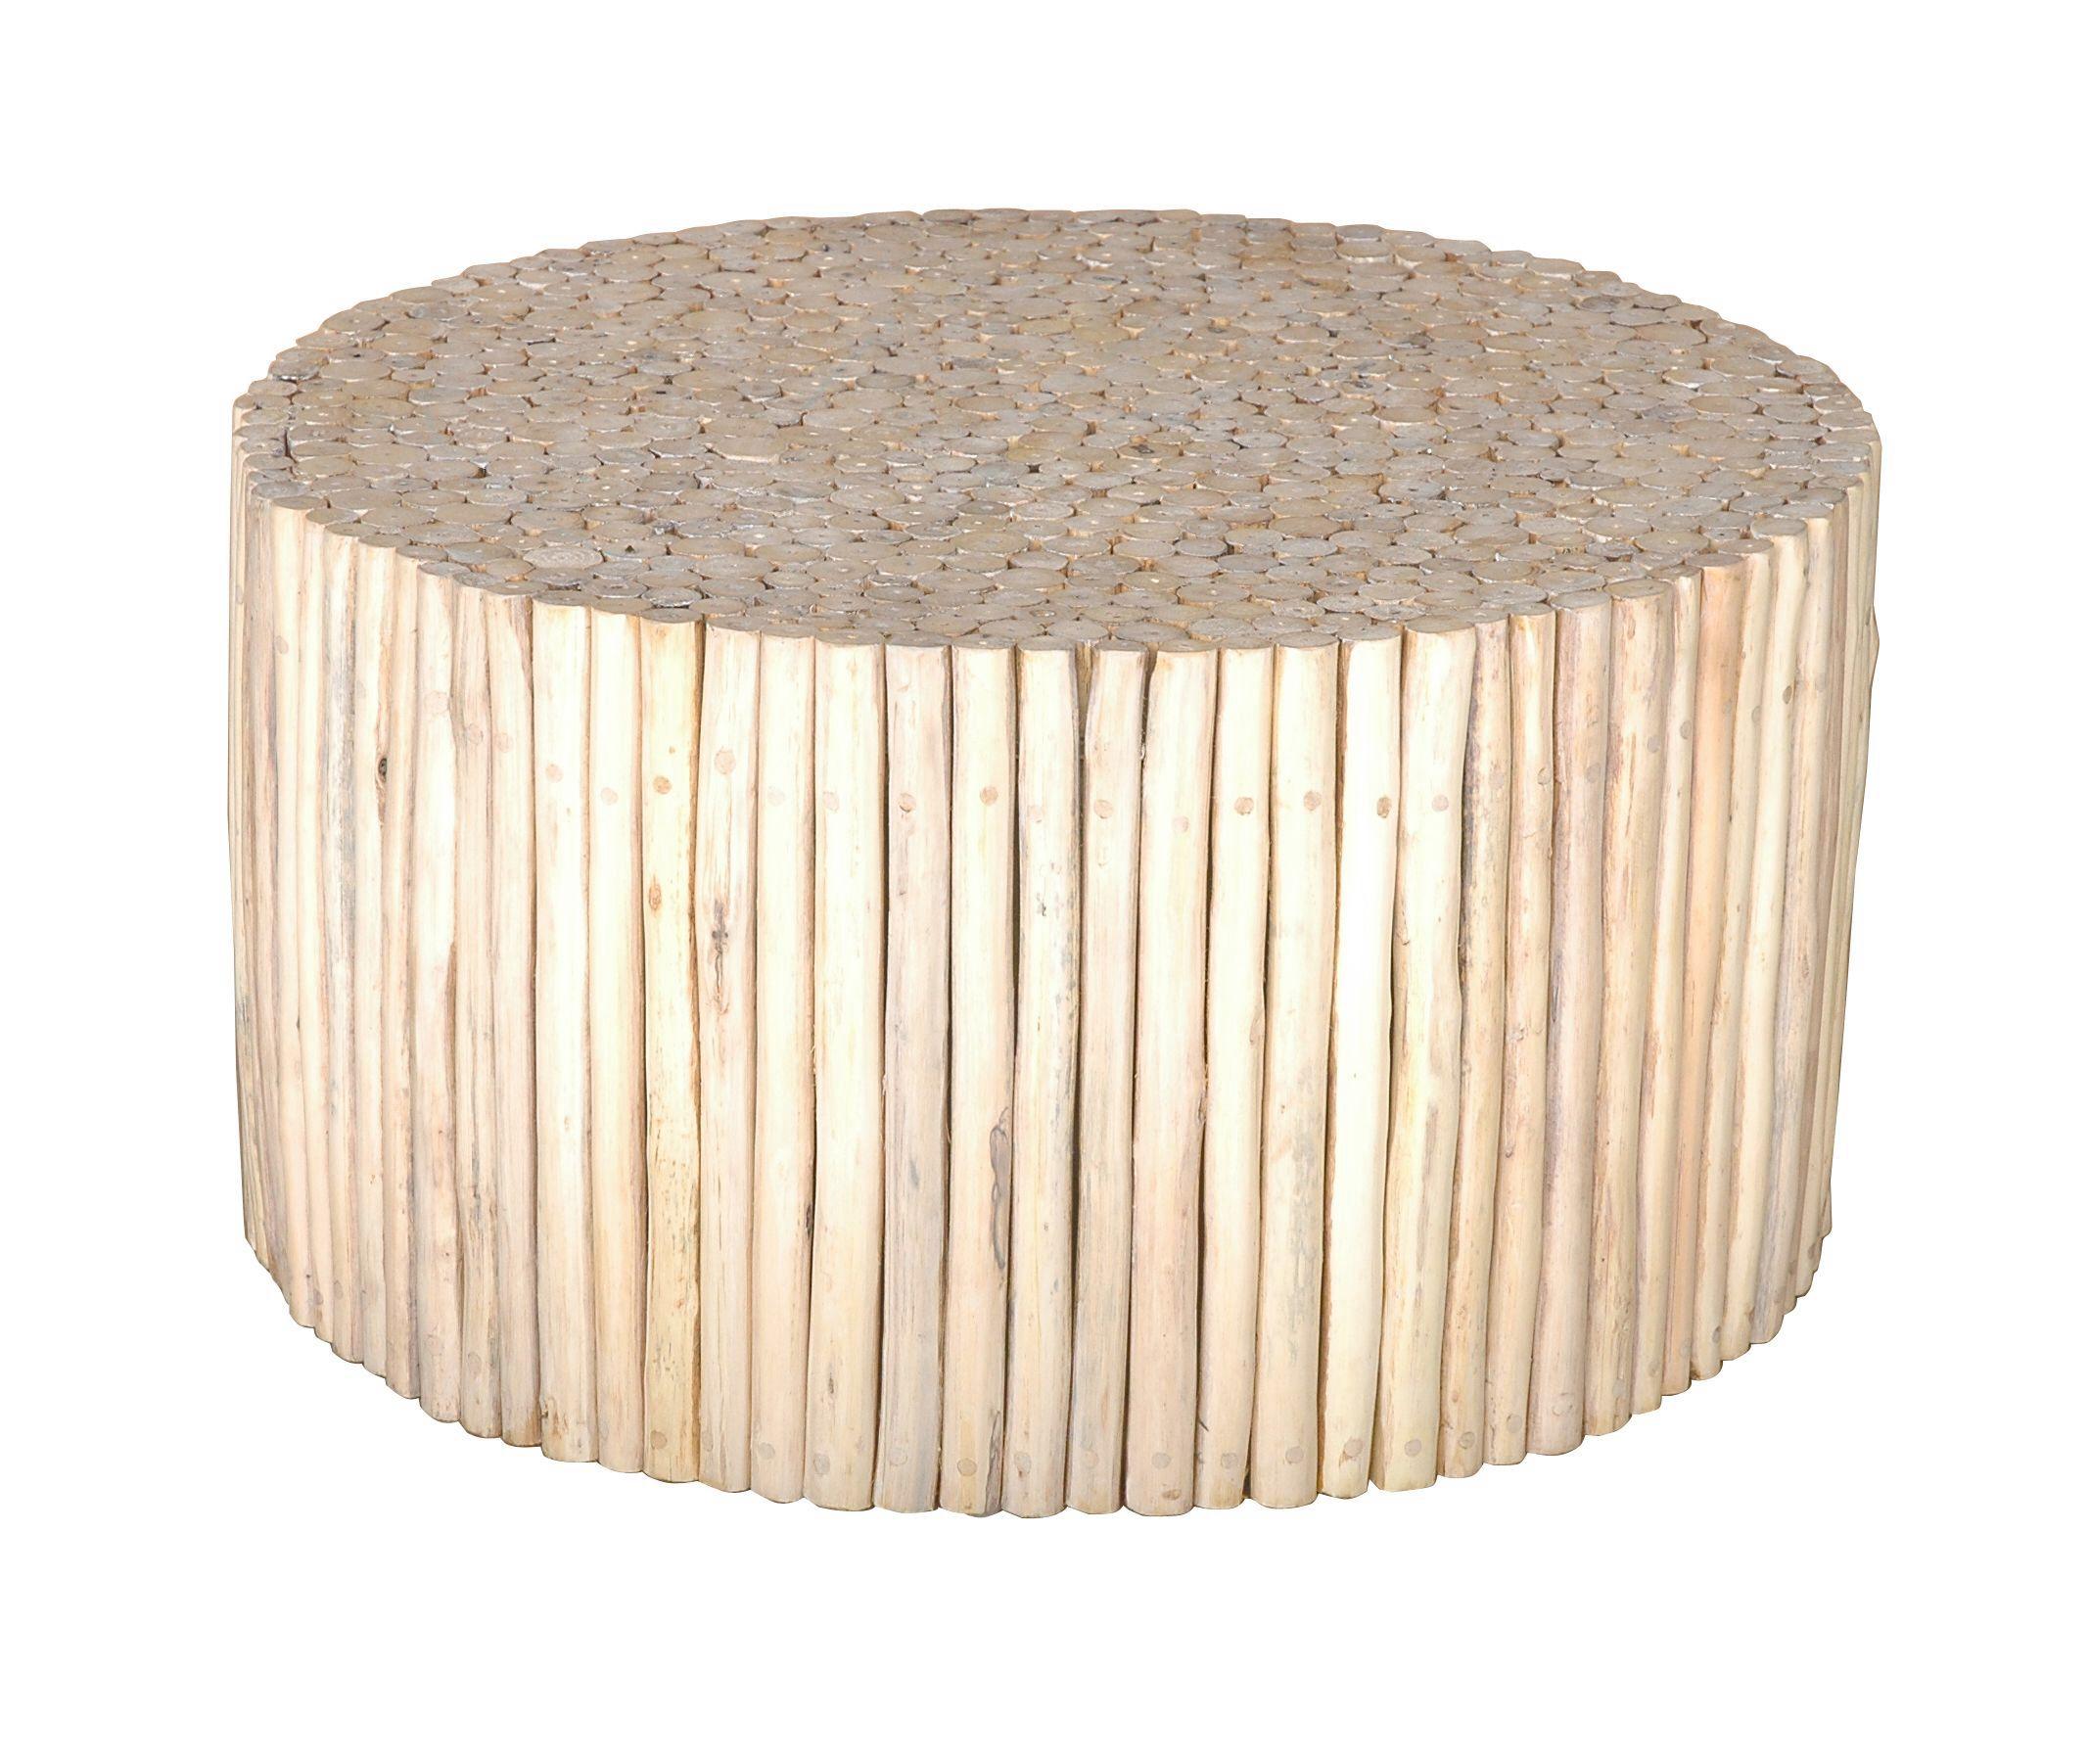 Jeffan Prelude Coffee Table Teak Coffee Table Coffee Table Barrel Coffee Table [ 1802 x 2134 Pixel ]